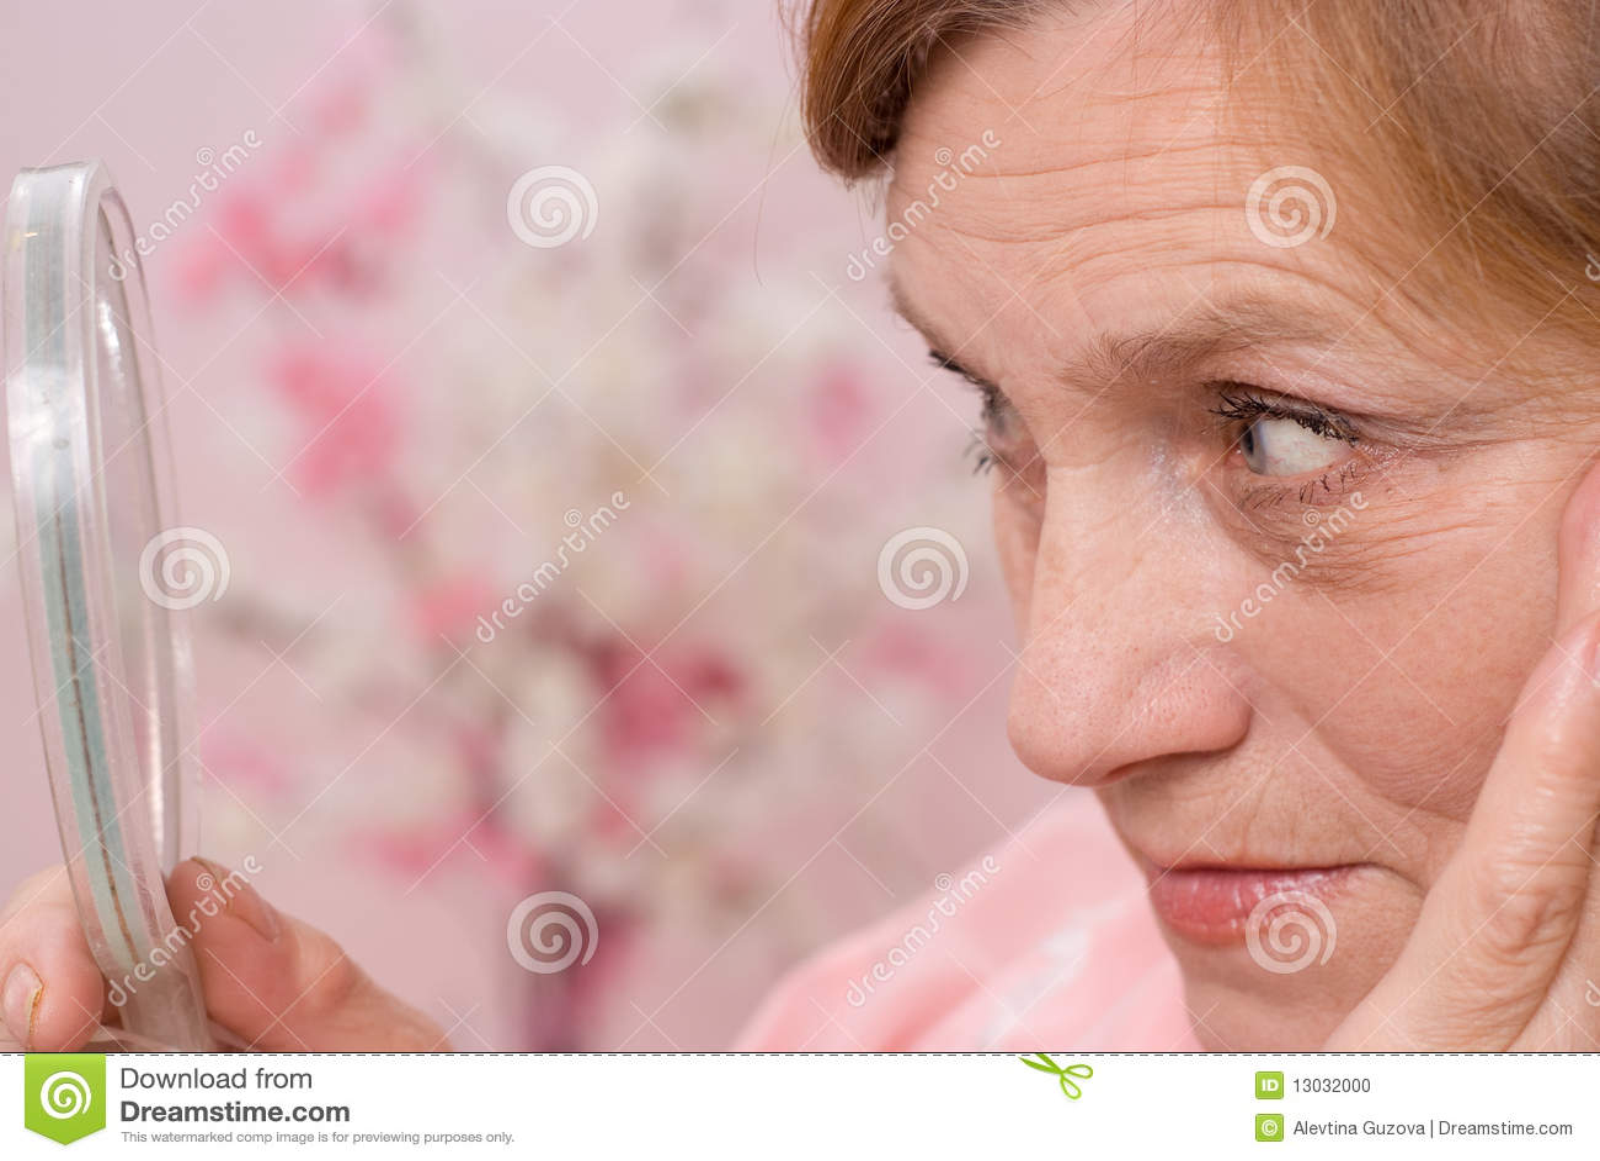 Η αρκετά ηλικιωμένη γυναίκα κοιτάζει στον καθρέφτη